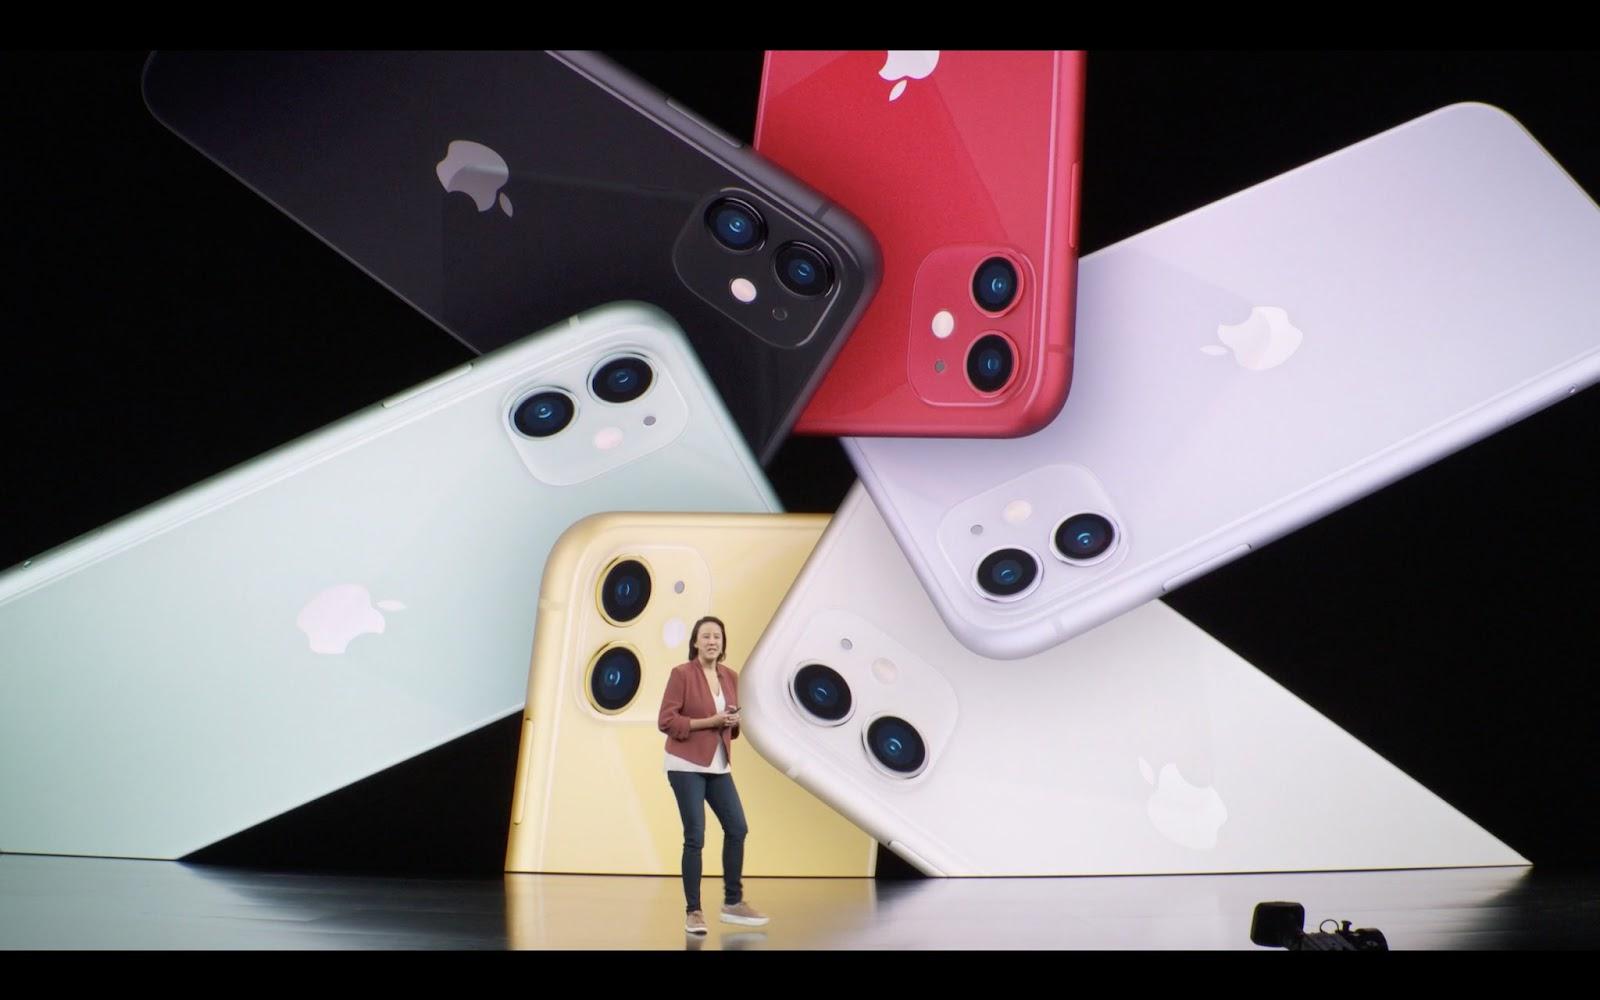 Sforum - Trang thông tin công nghệ mới nhất iPhone-11-ra-mat Bộ ba iPhone 11 ra mắt: Tên gọi/màu sắc mới, camera vuông, kèm sạc nhanh, giá từ 699 USD